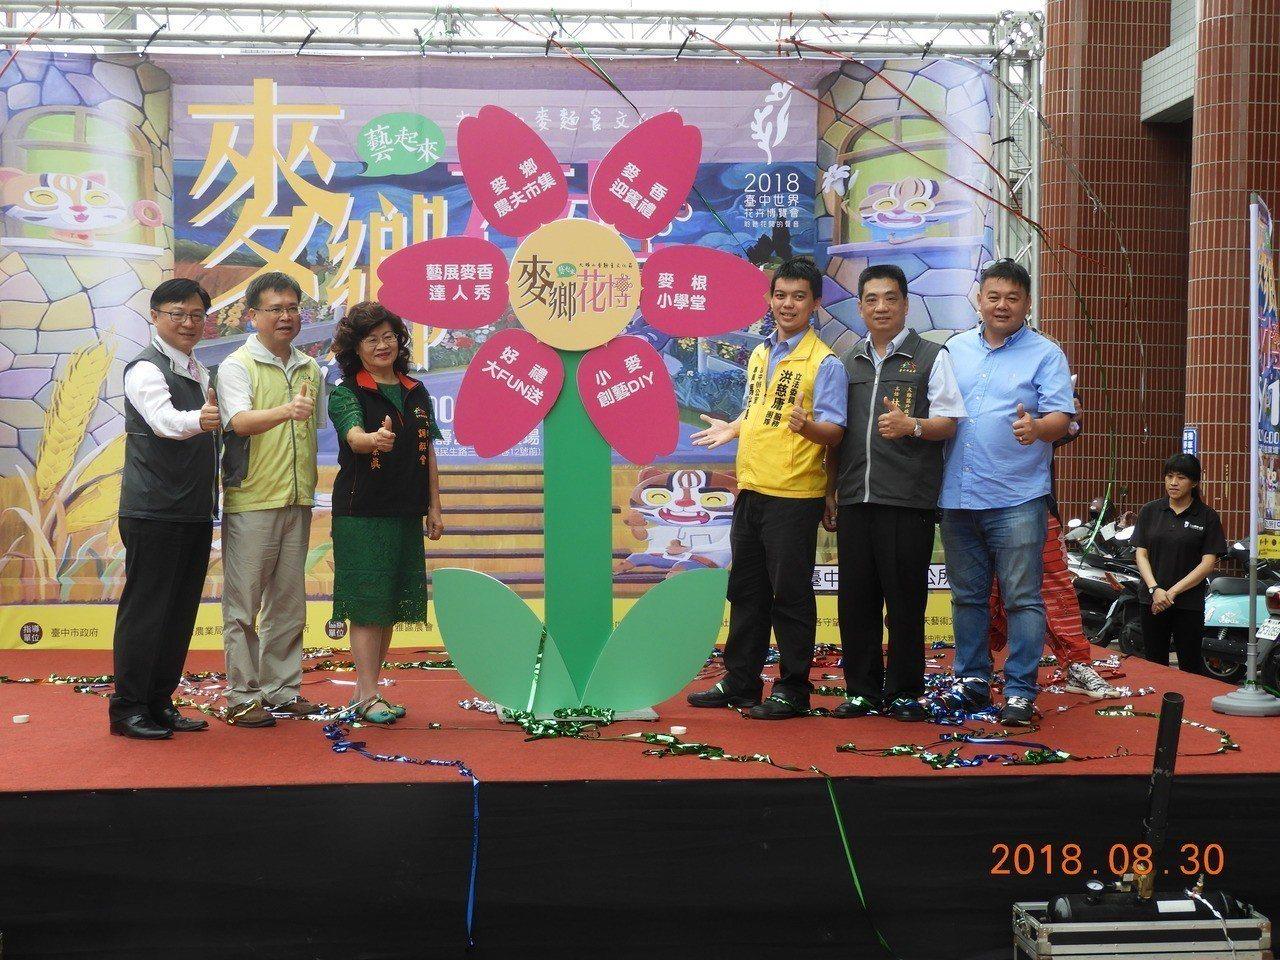 一年一度「麥鄉花博小麥麵食文化節」,9月1日將在大雅區天壽宮廣場舉行。圖/大雅區...